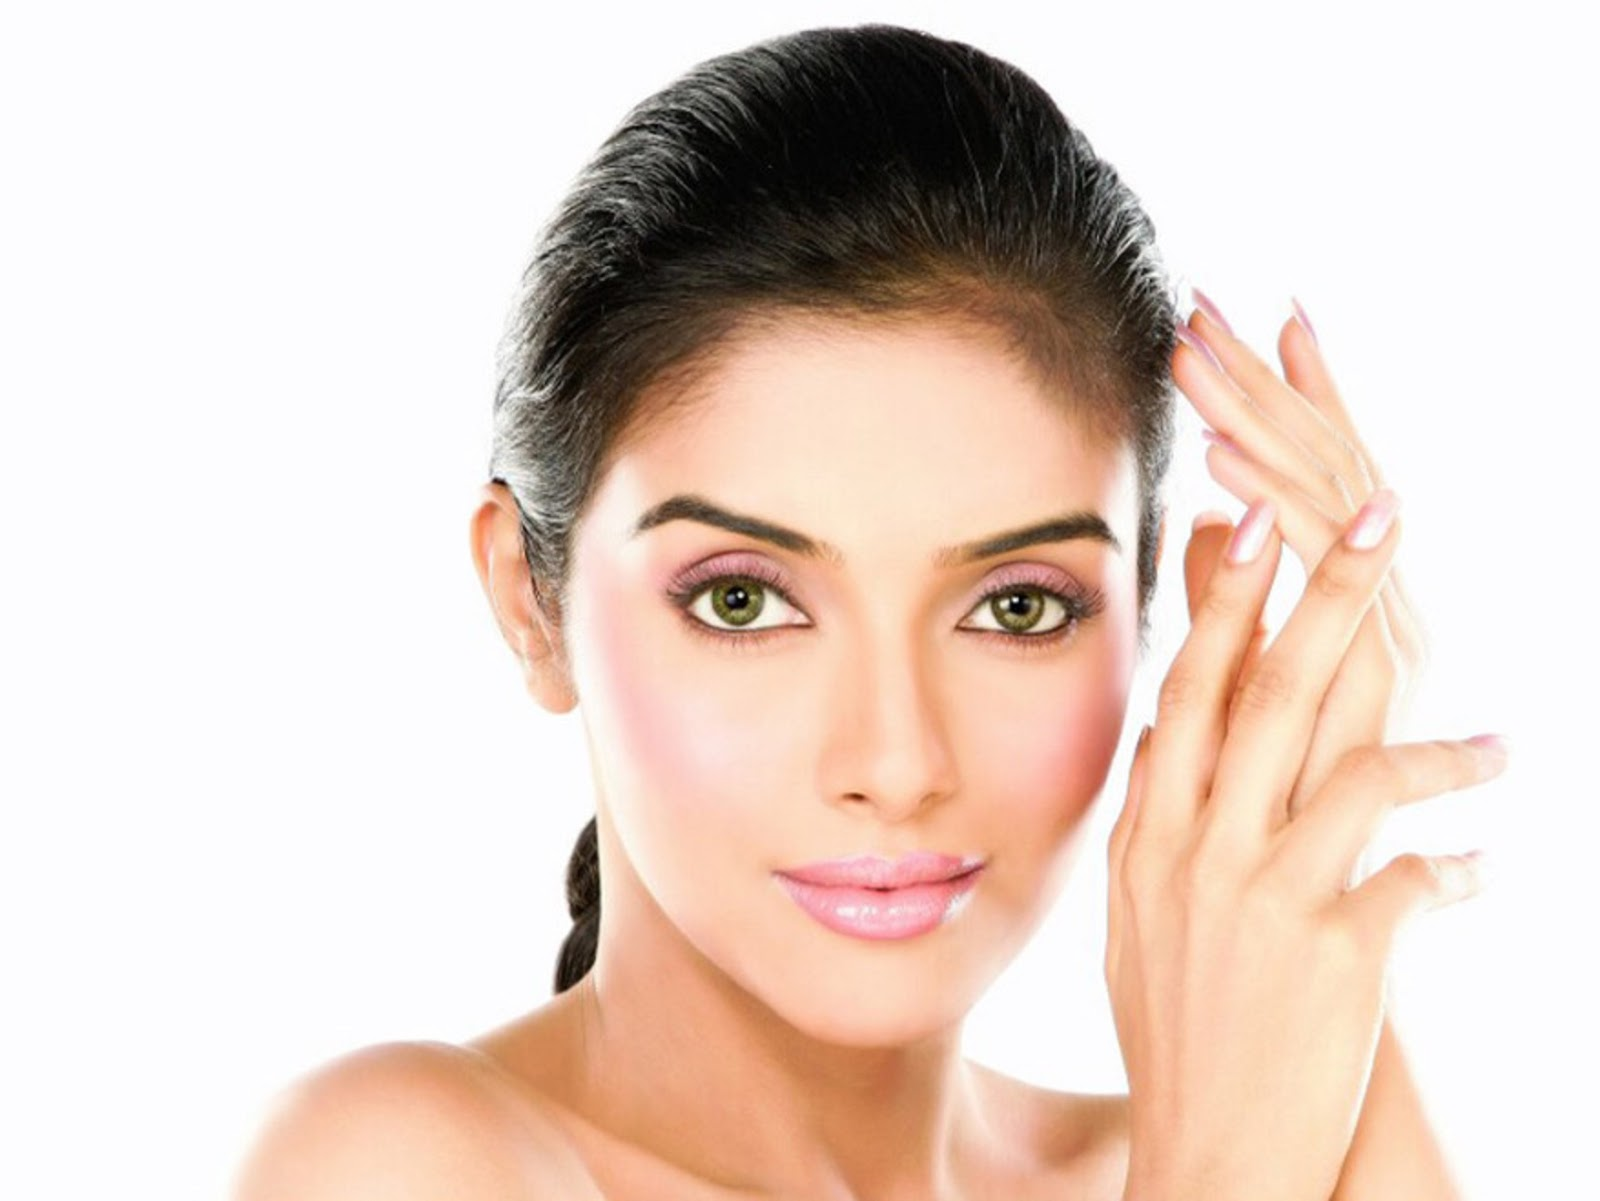 Fotos Sexy Actress Asin Thottumkal Photo Very Wallpapers